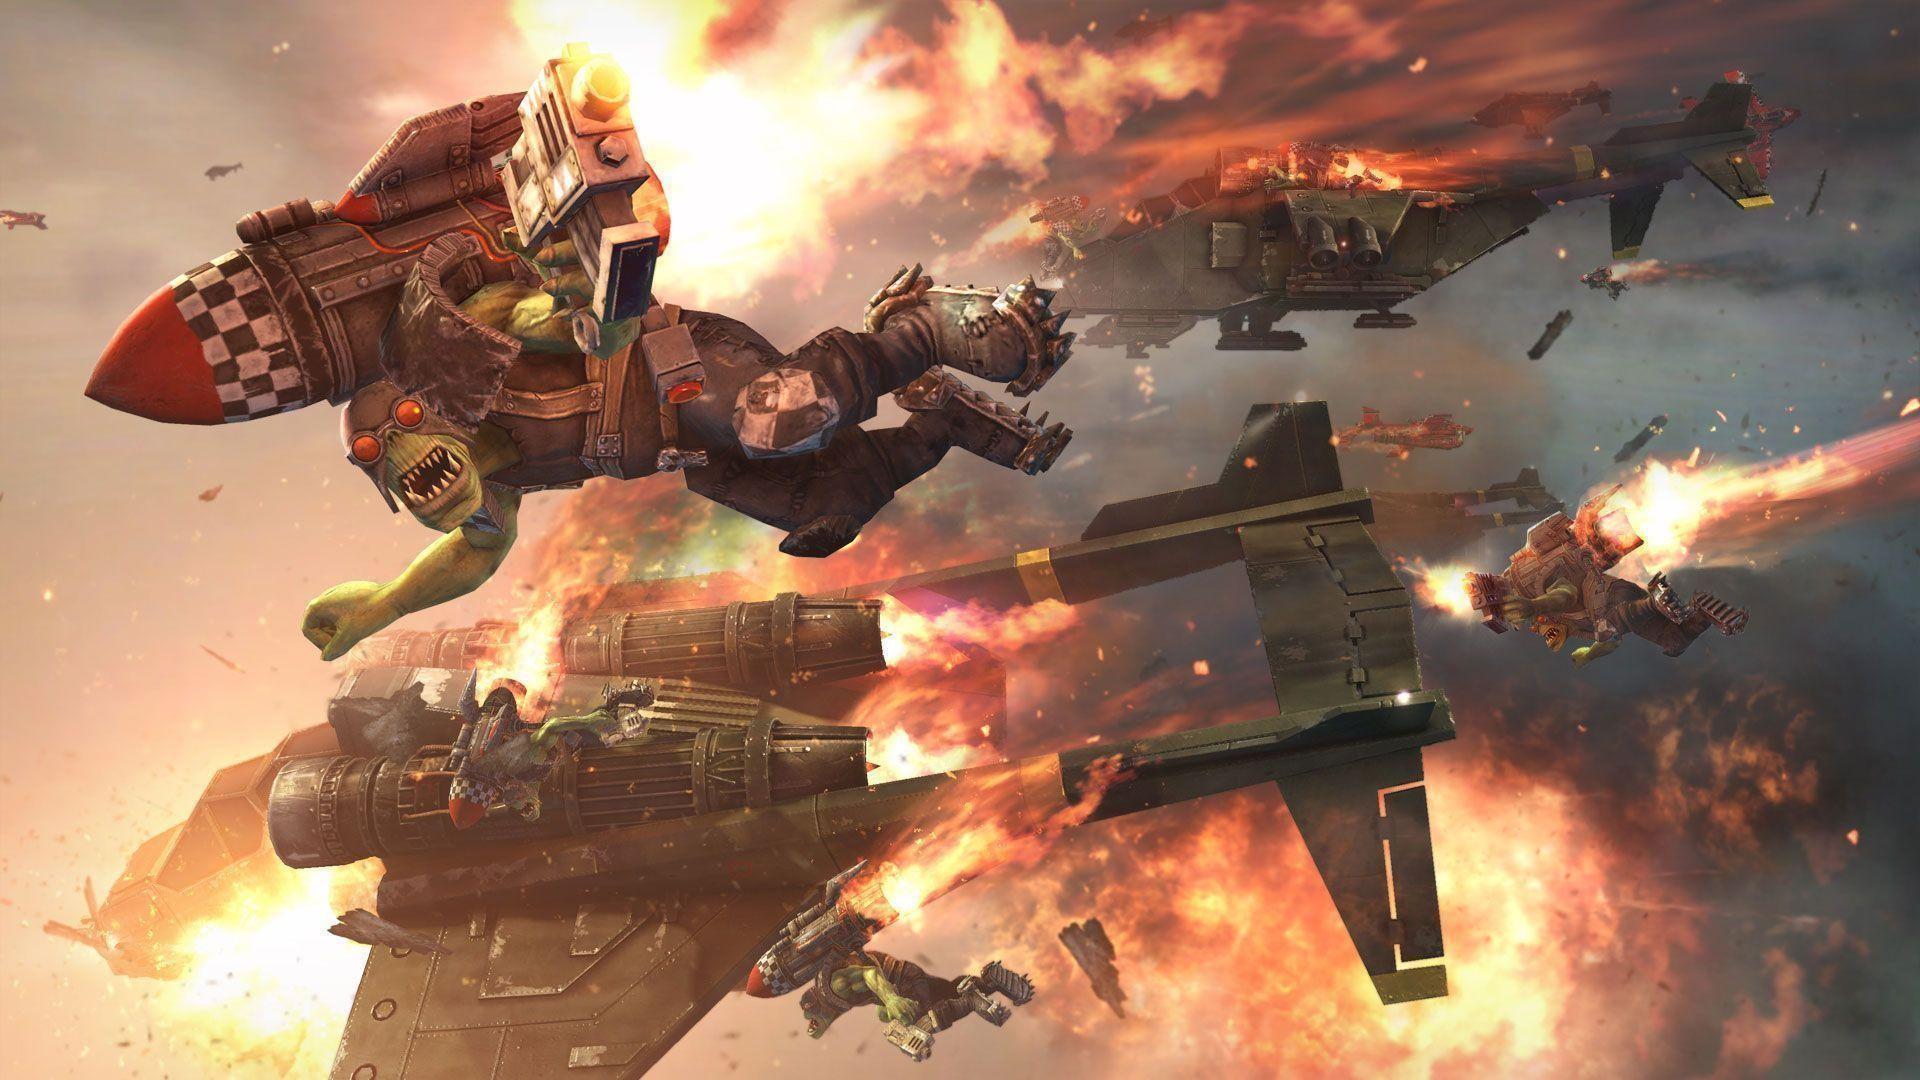 Warhammer 40K Orks High Quality Wallpaper HD Resolution – dlwallhd.